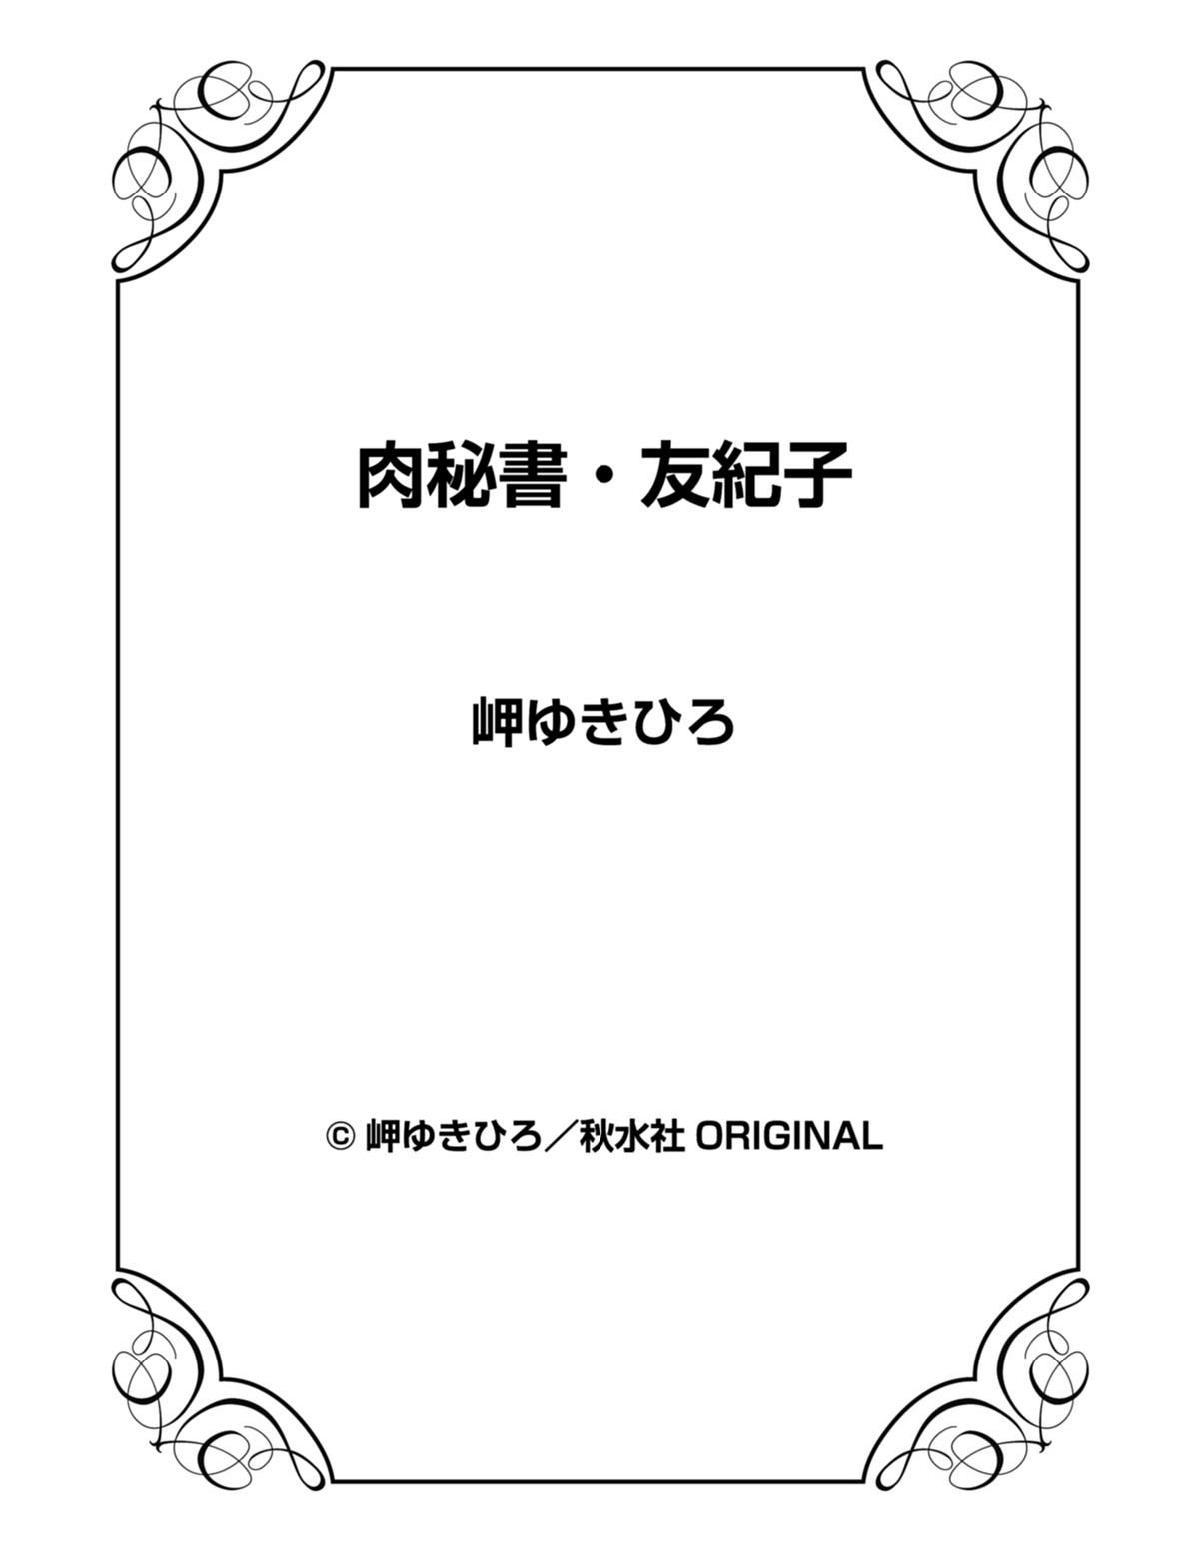 Nikuhisyo Yukiko 21 150